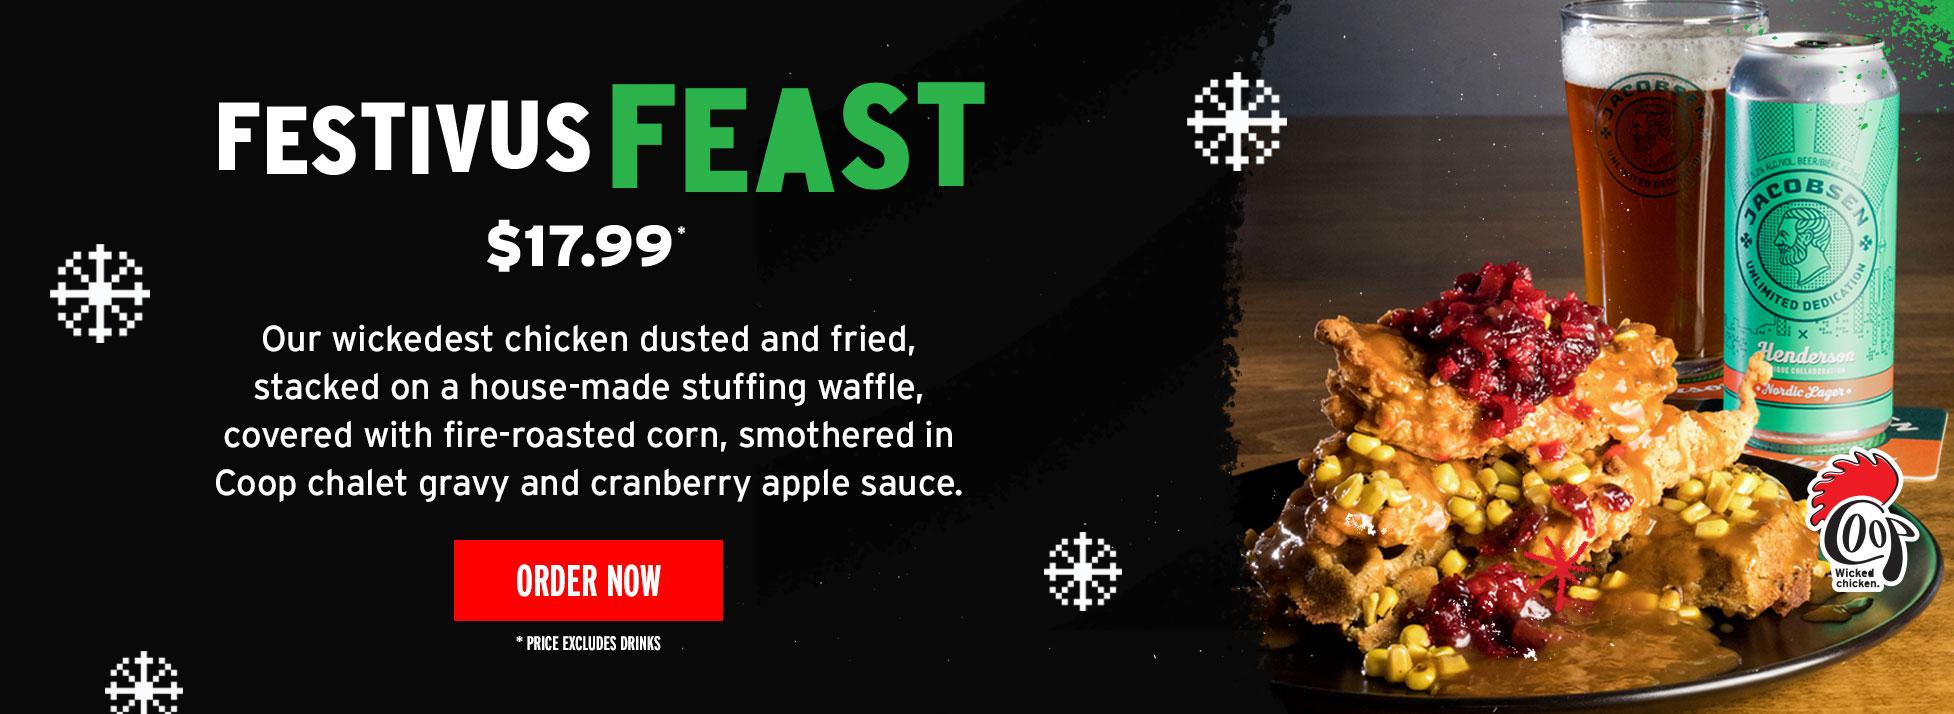 Festivus Feast $17.99 Order now